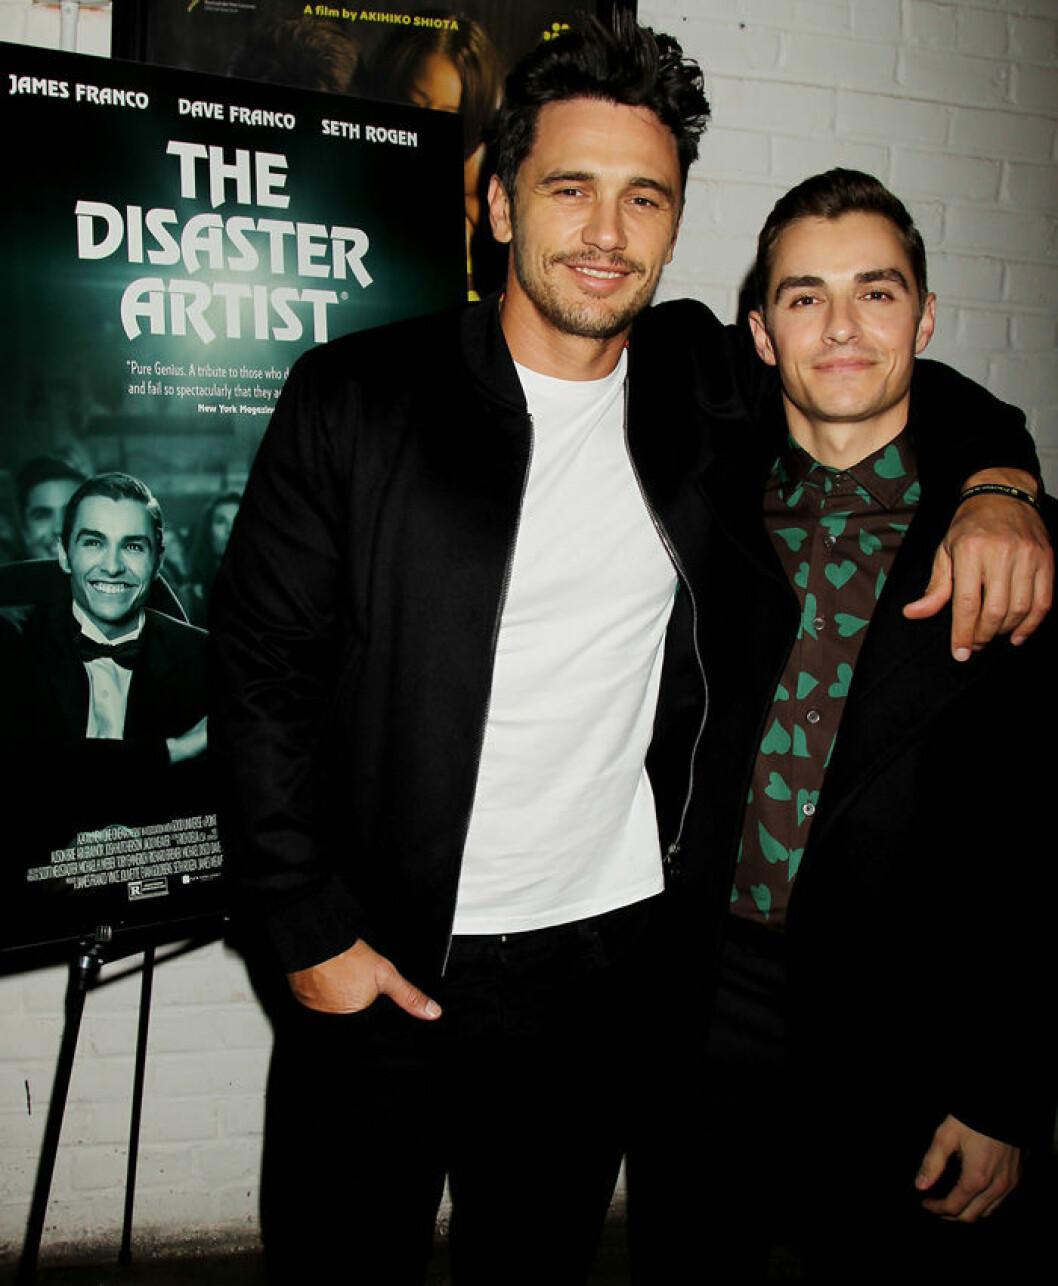 En bild på James och Dave Franco på filmpremiären av The Disaster Artist, 2017.